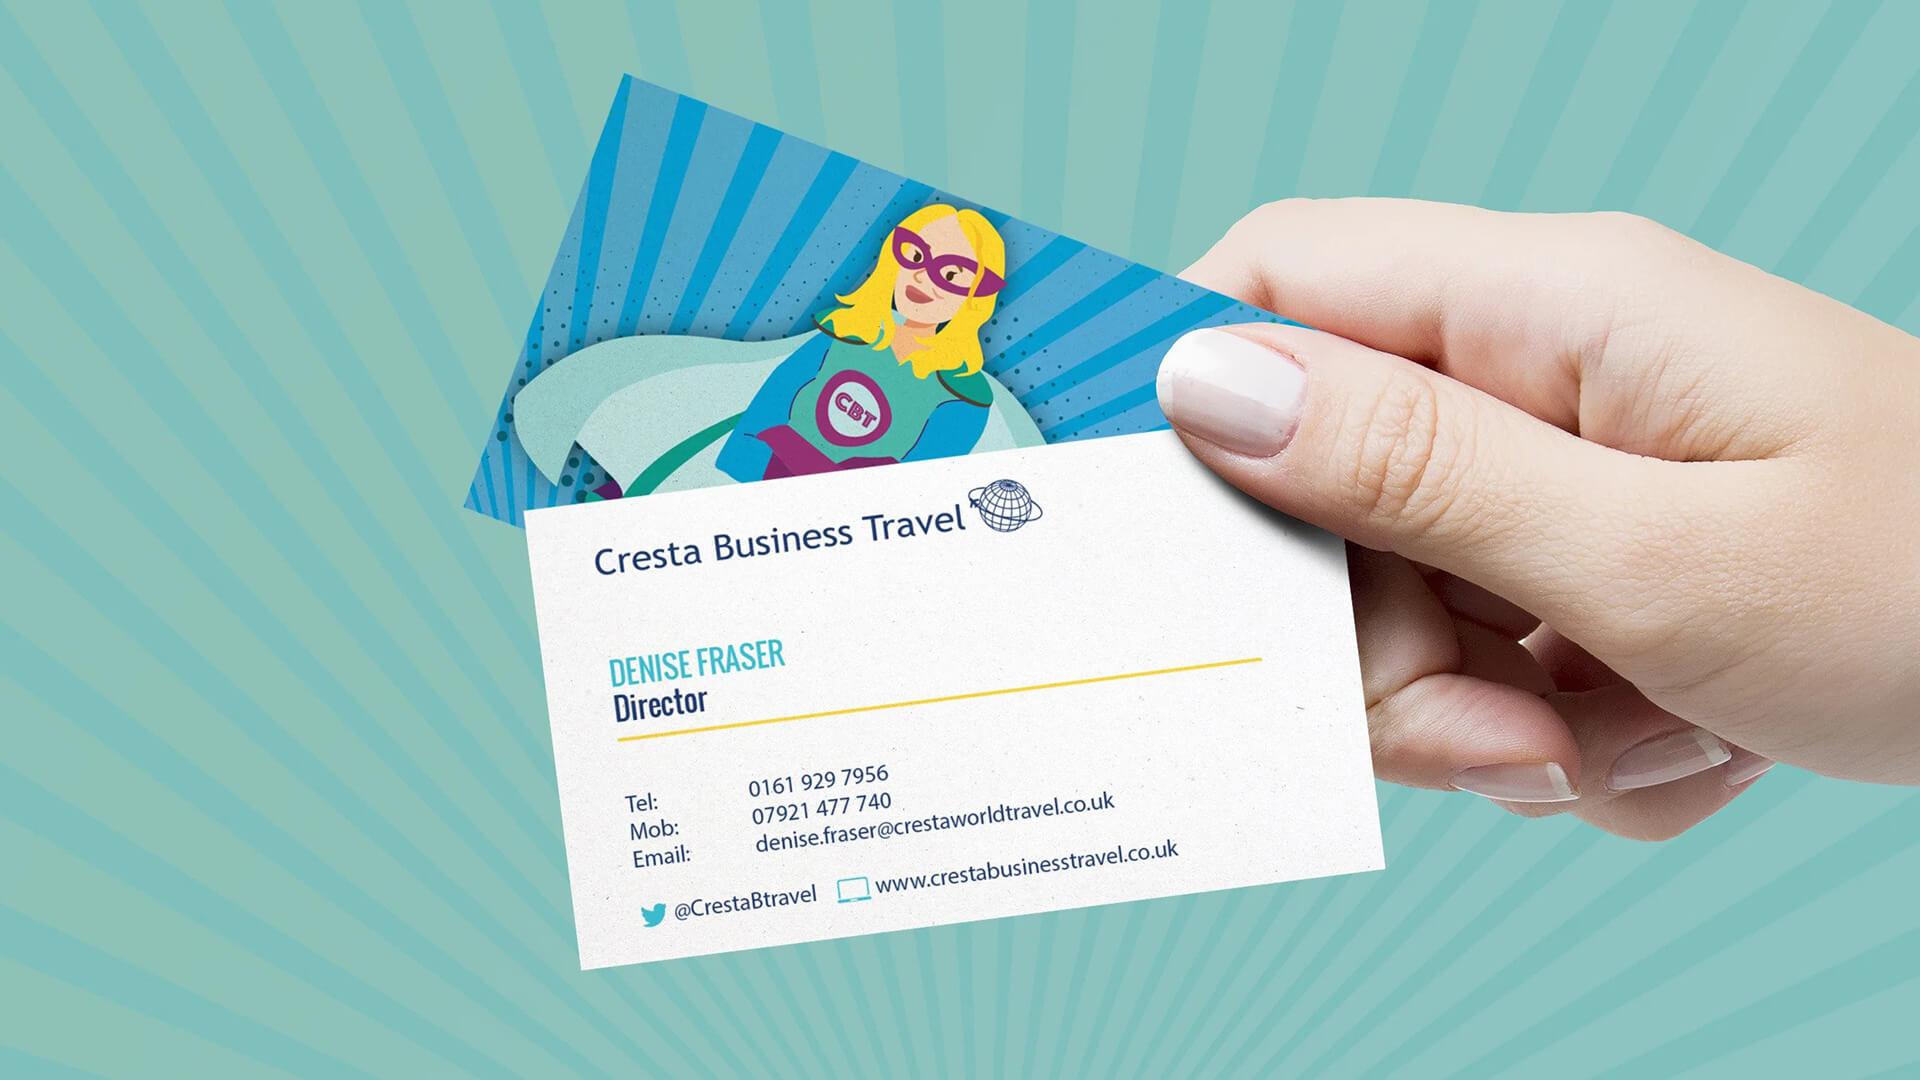 Cresta Business Travel